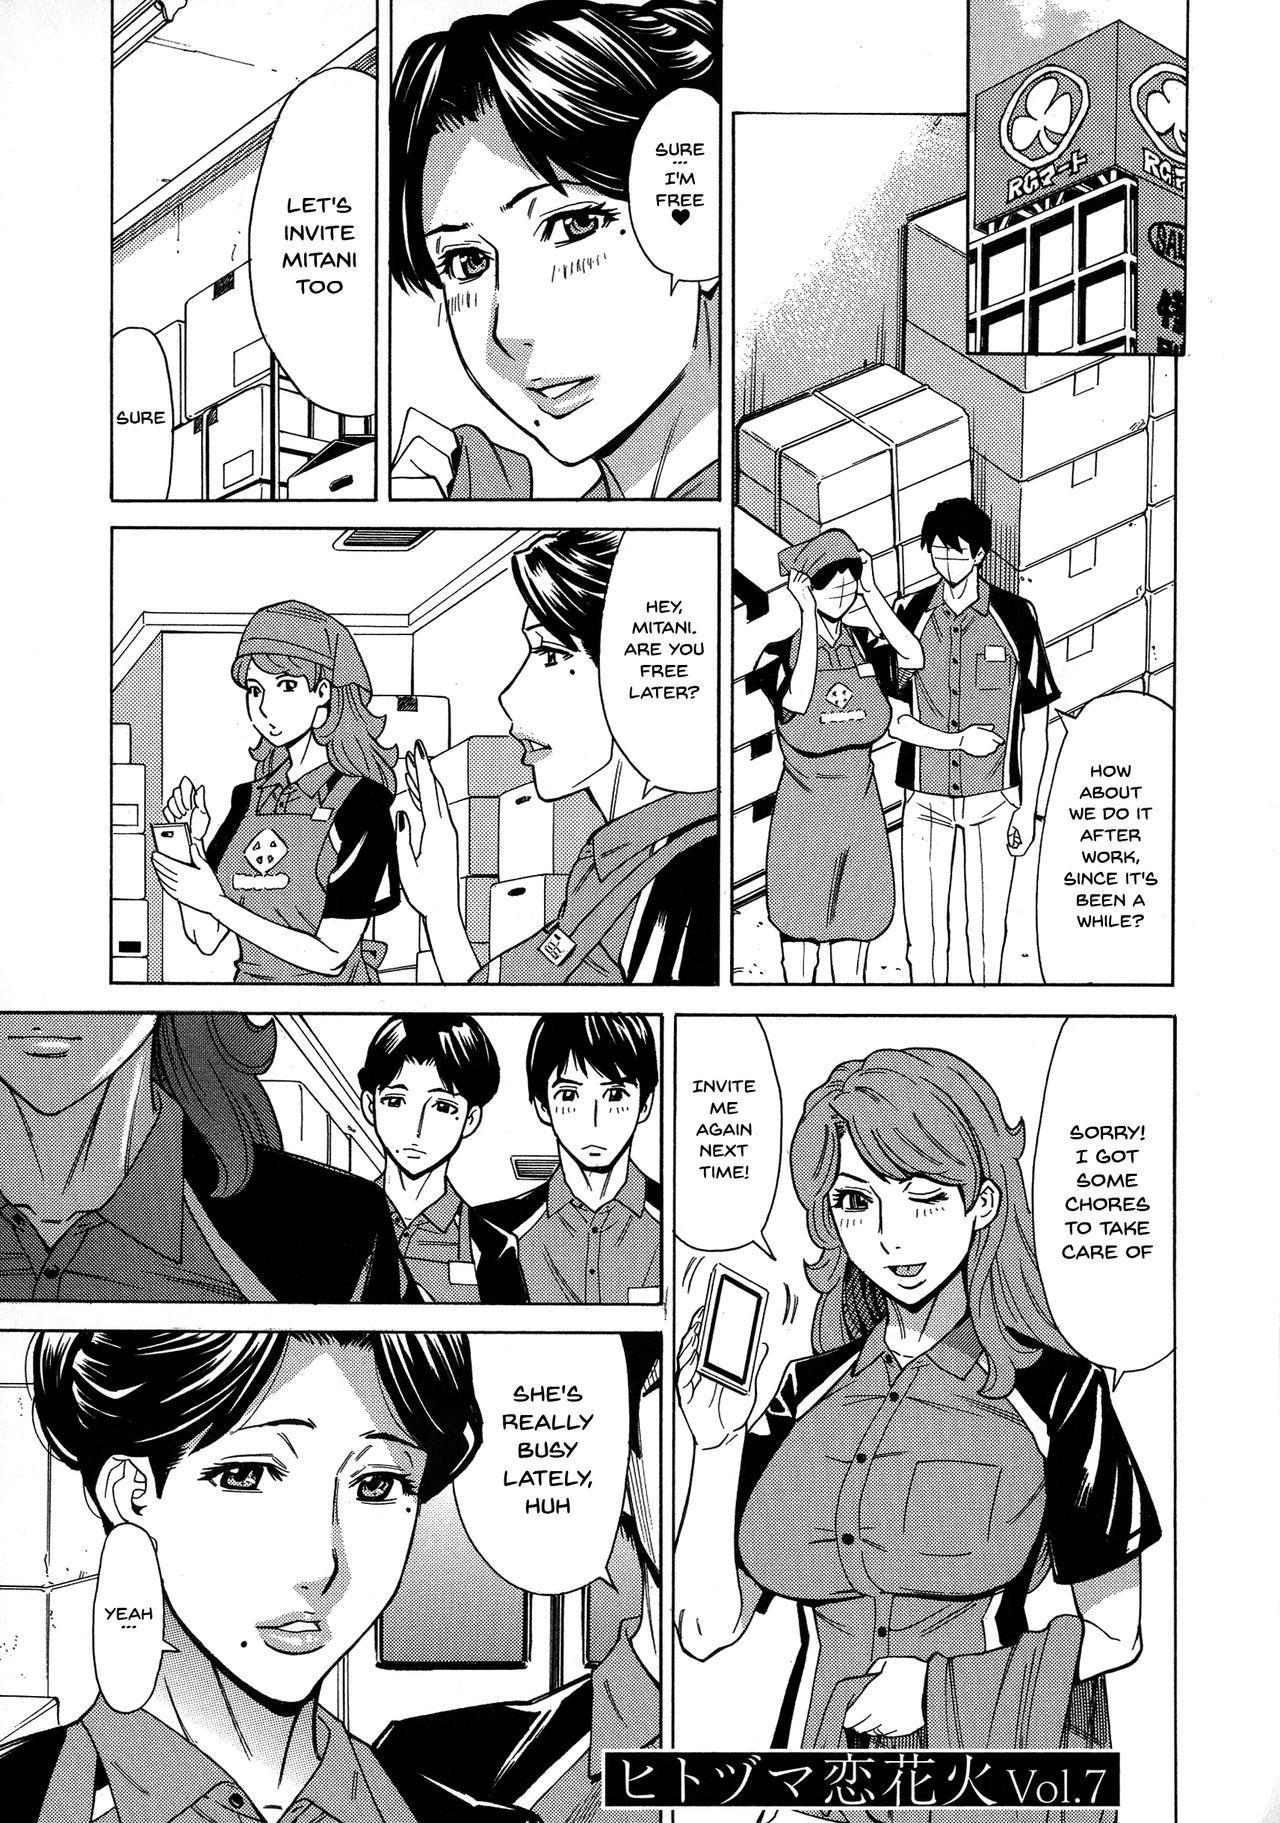 [Makibe Kataru] Hitozuma Koi Hanabi ~Hajimete no Furin ga 3P ni Itaru made~ Ch.1-9 [English] {Doujins.com} 114